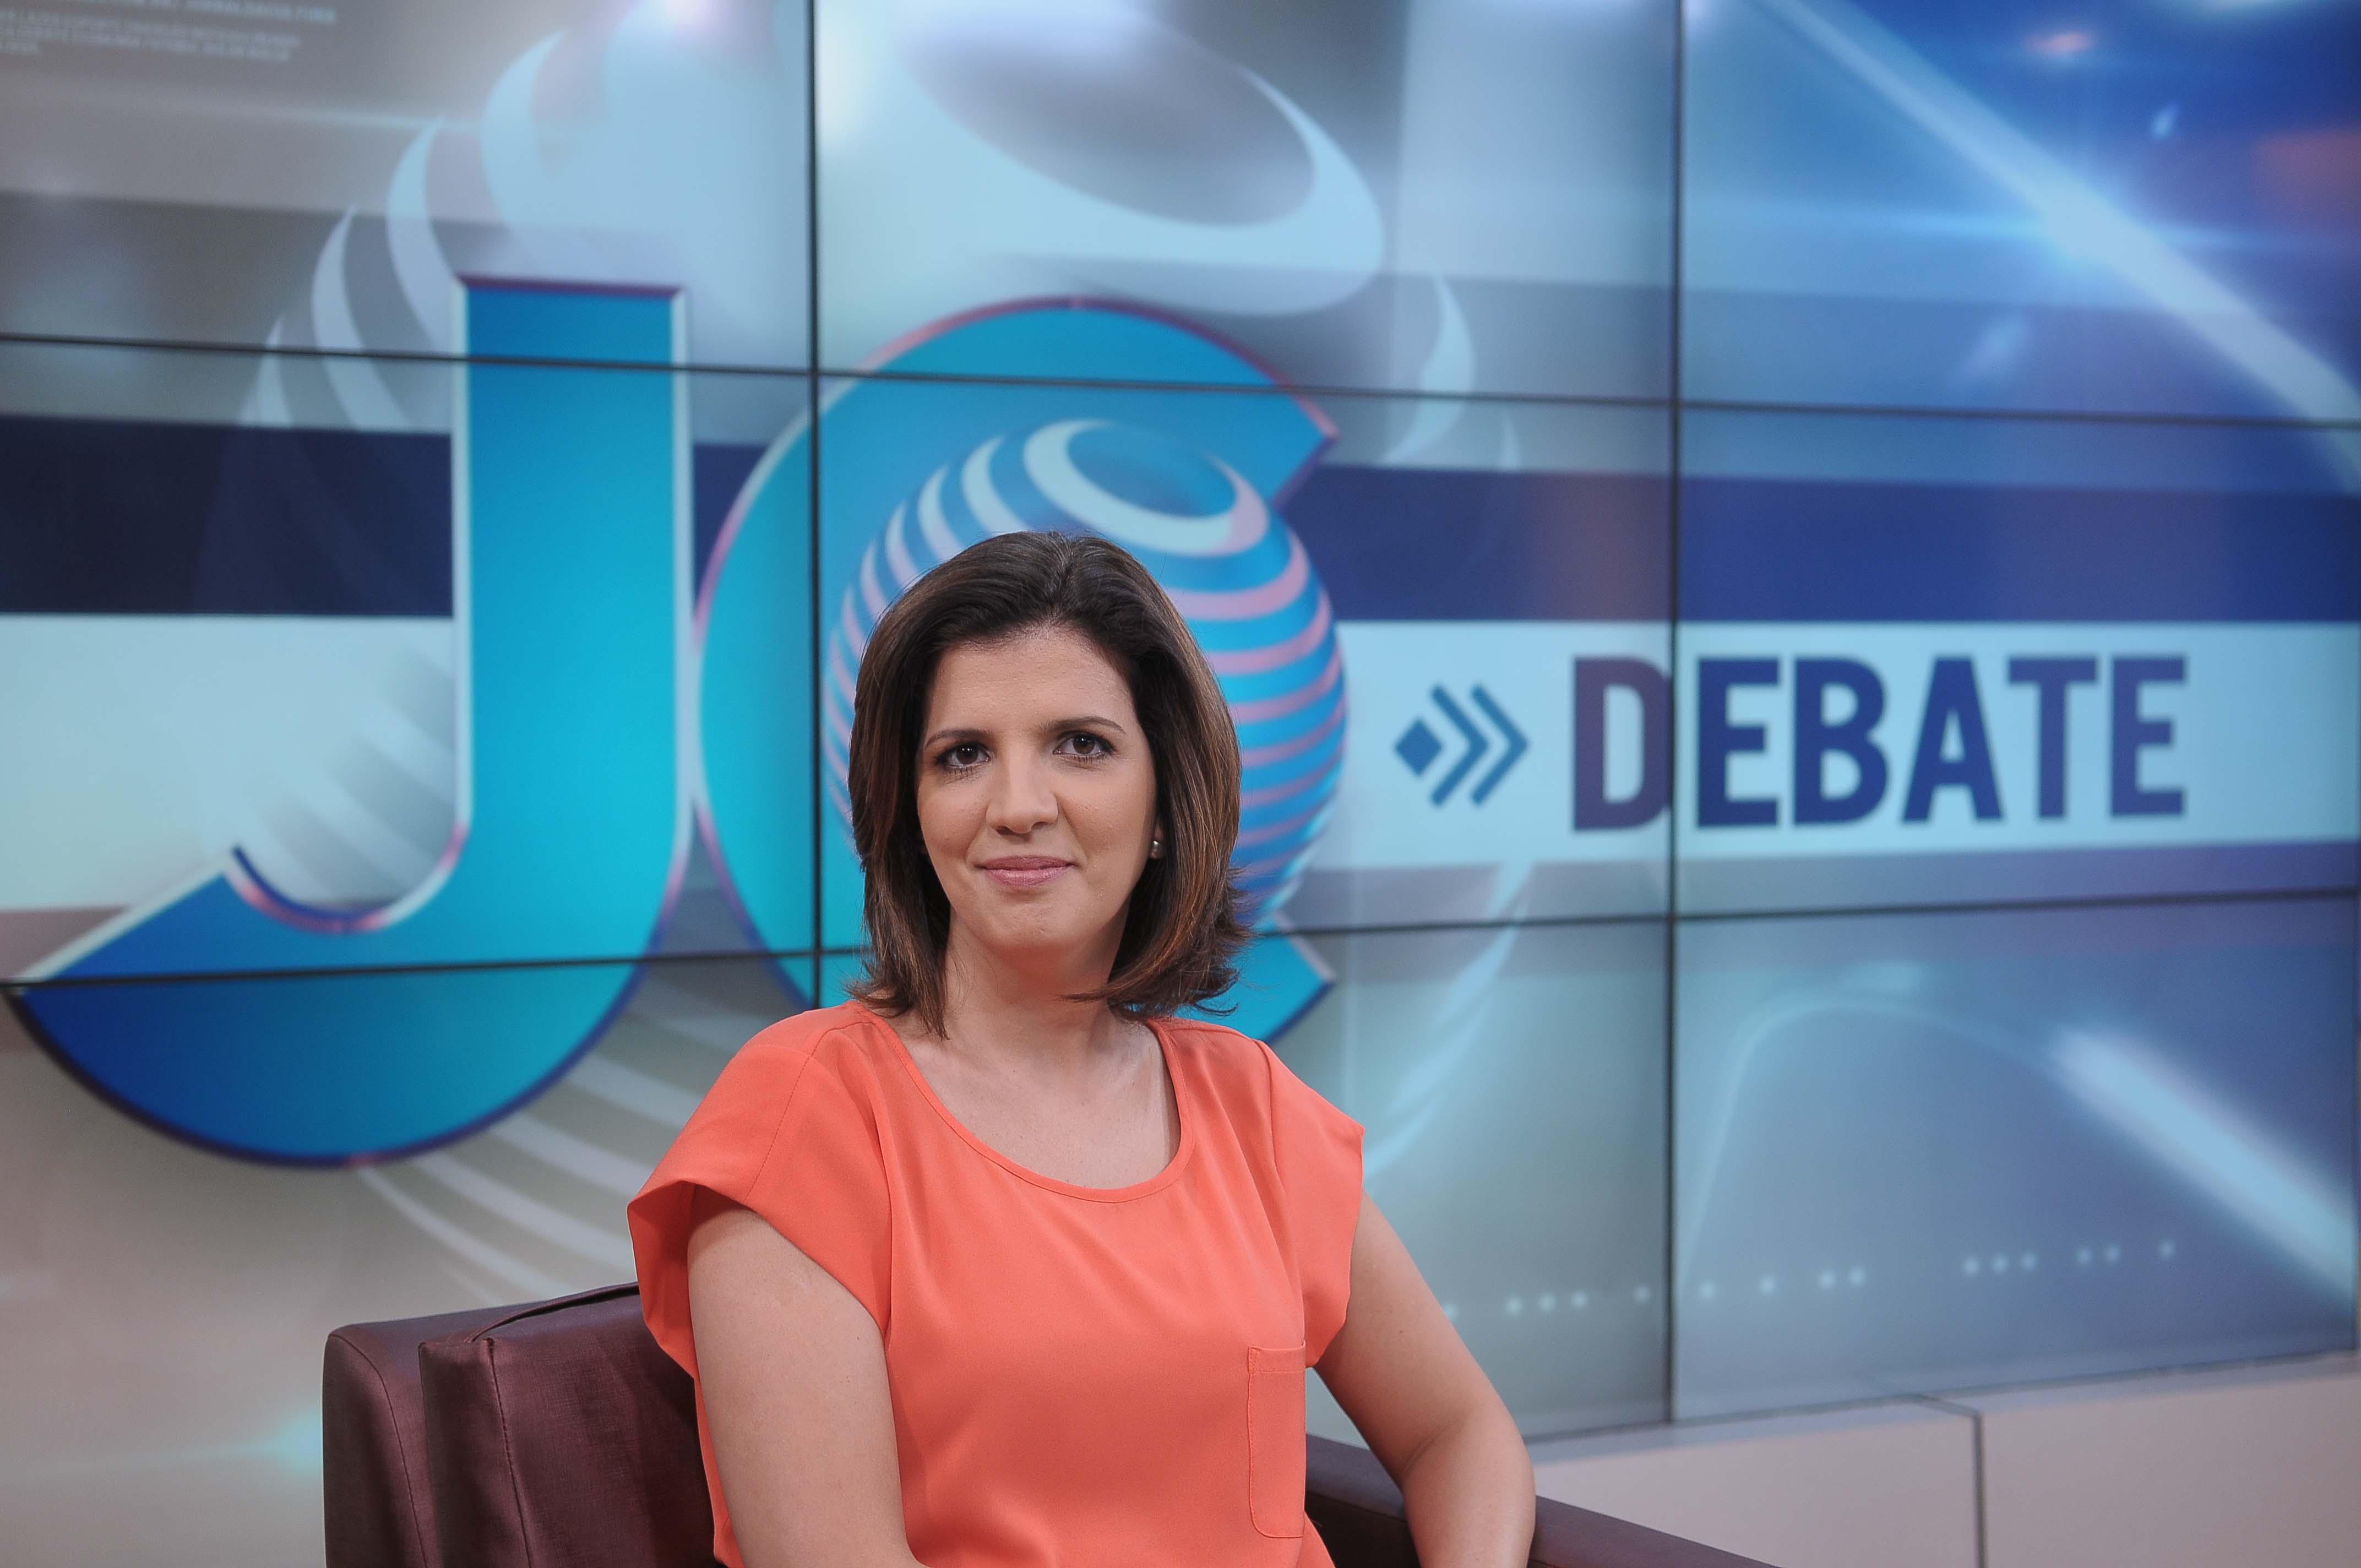 Especialistas  falam sobre as novas regras. A edição vai ao ar nesta quarta-feira (2/3), às 12h30, na TV Cultura